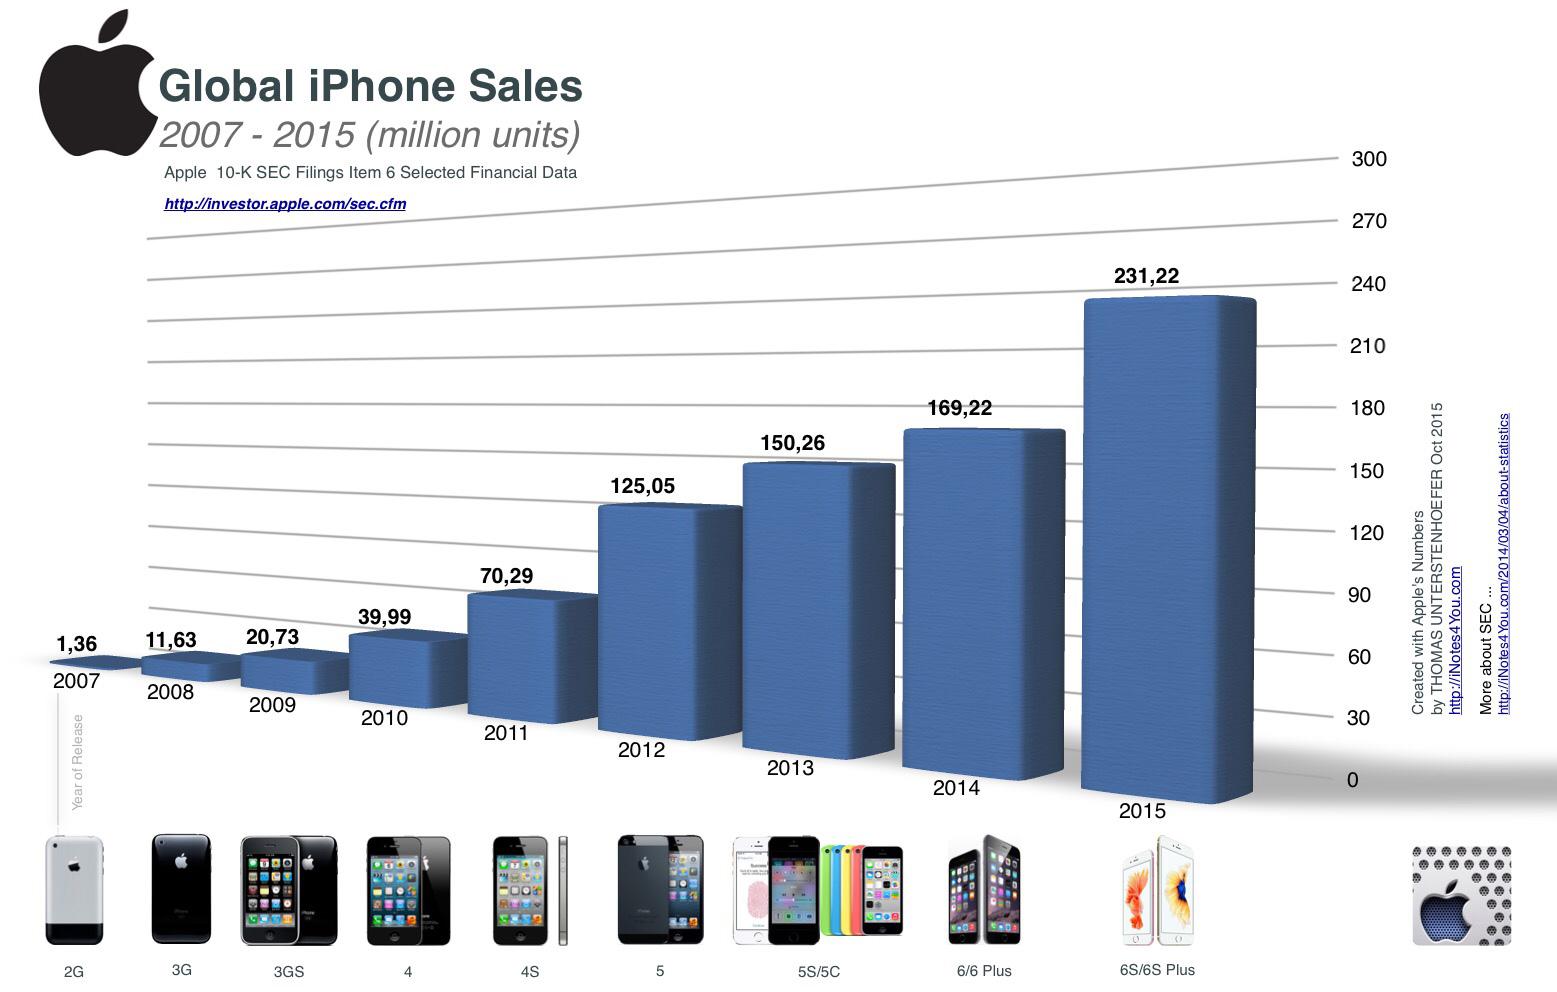 Gráfico de vendas mundiais de iPhones